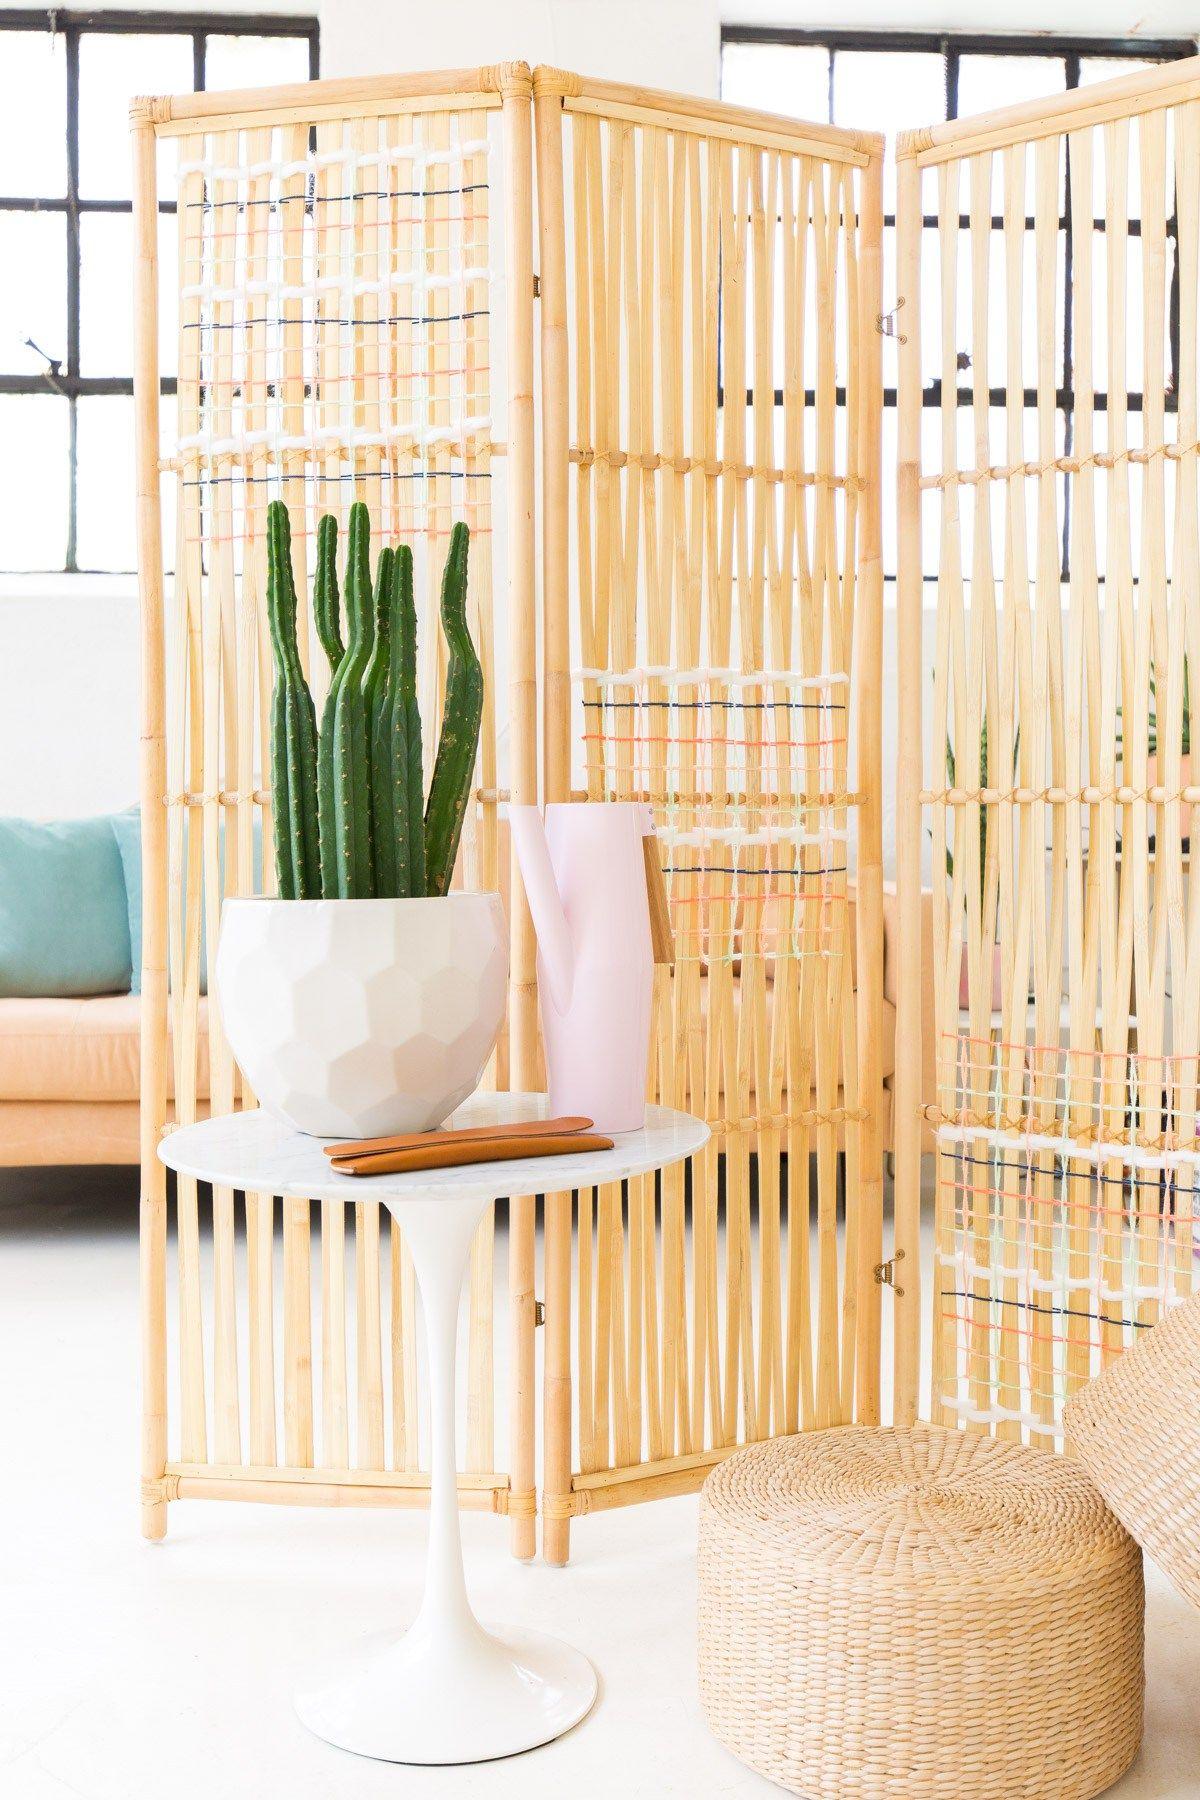 Diy Ikea Hack Woven Room Divider Sugar Cloth Diy Ikea Room Divider Room Divider Headboard Room Divider Bookcase